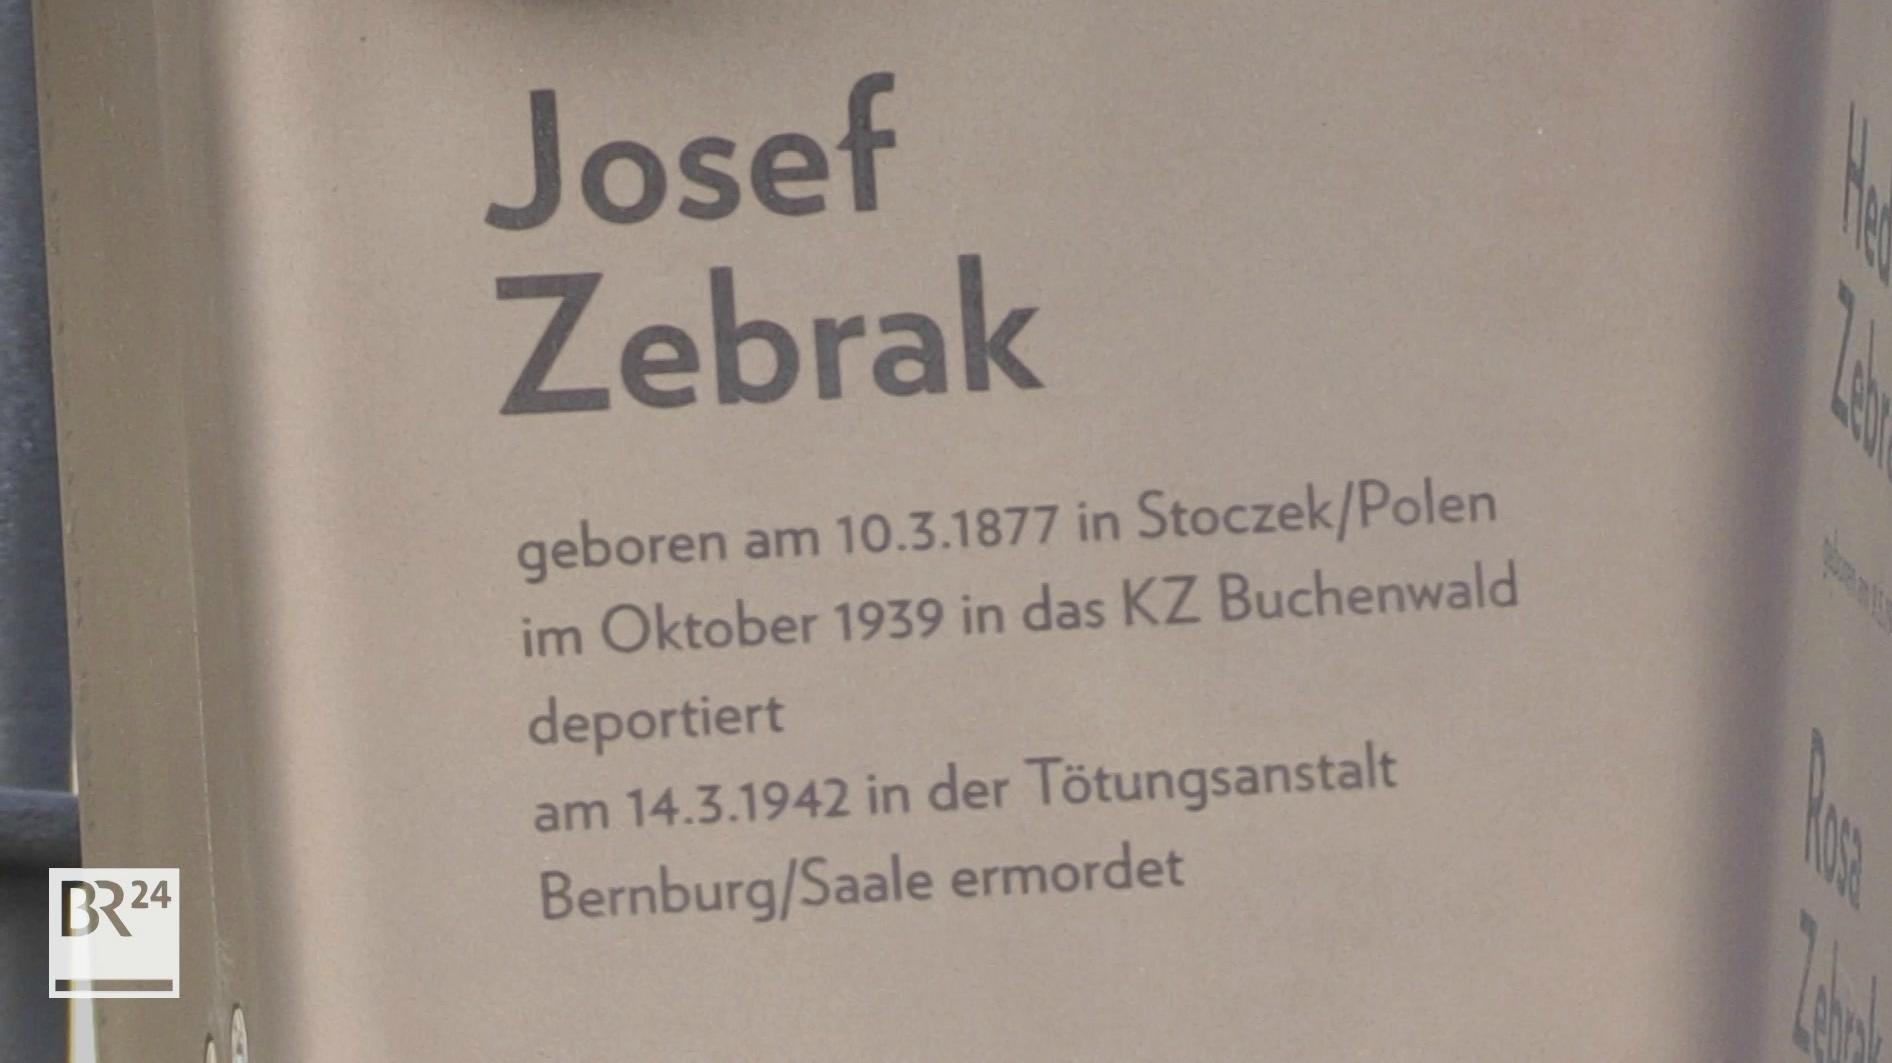 Metalltafel auf der Name und Geschichte des NS-Opfers Josef Zebrak geschrieben steht